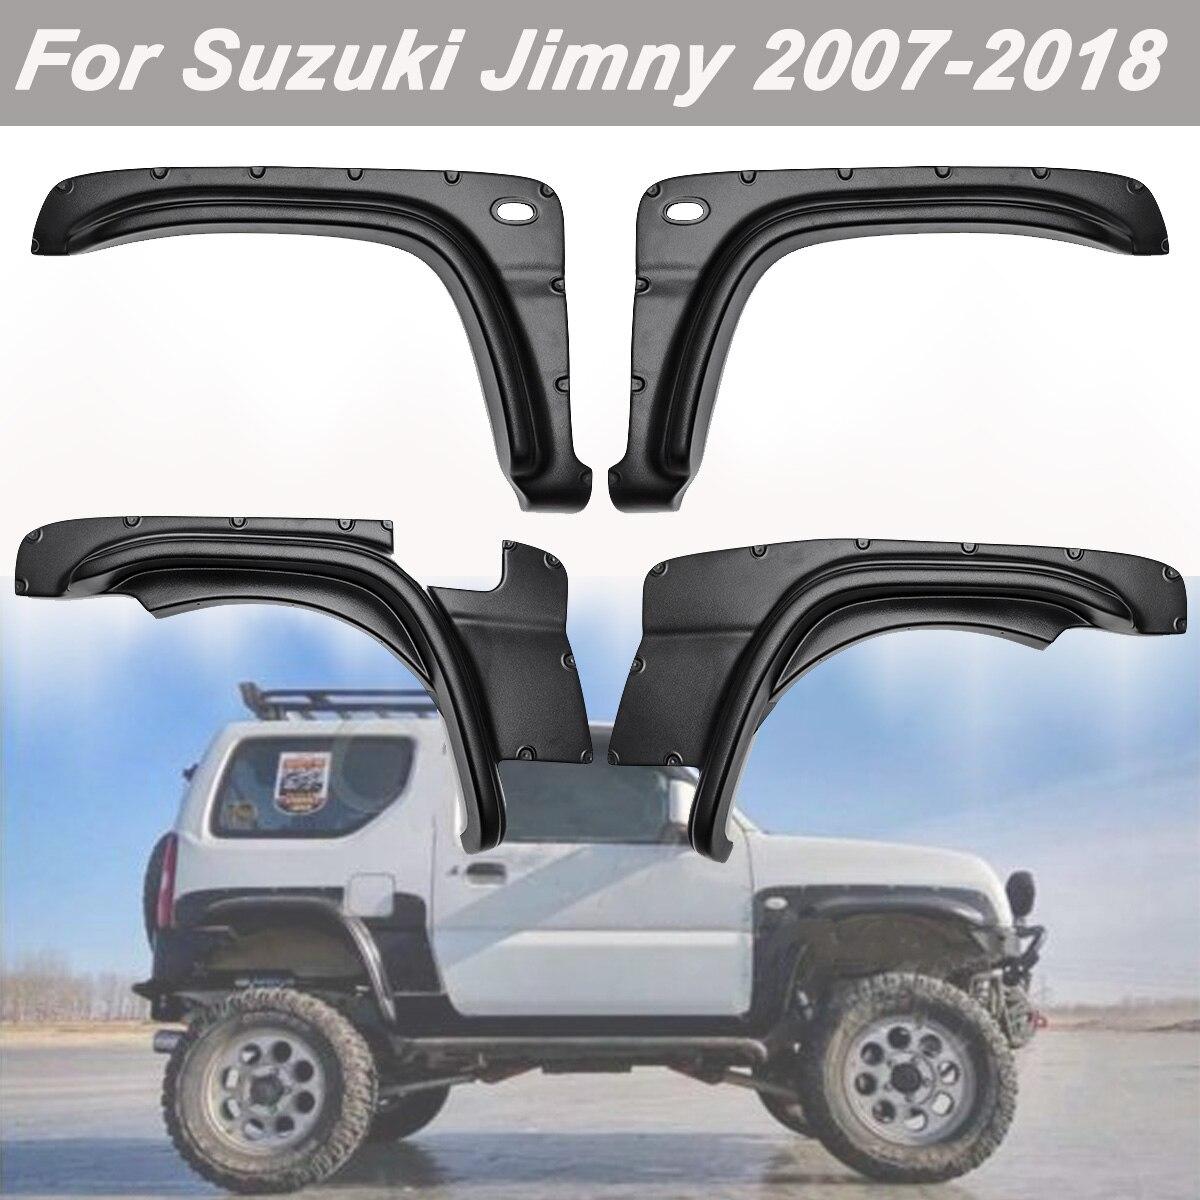 4 шт. автомобильное колесо для бровей круглое дуговое крыло брызговики Брызговики для Suzuki jimny 2007-2017